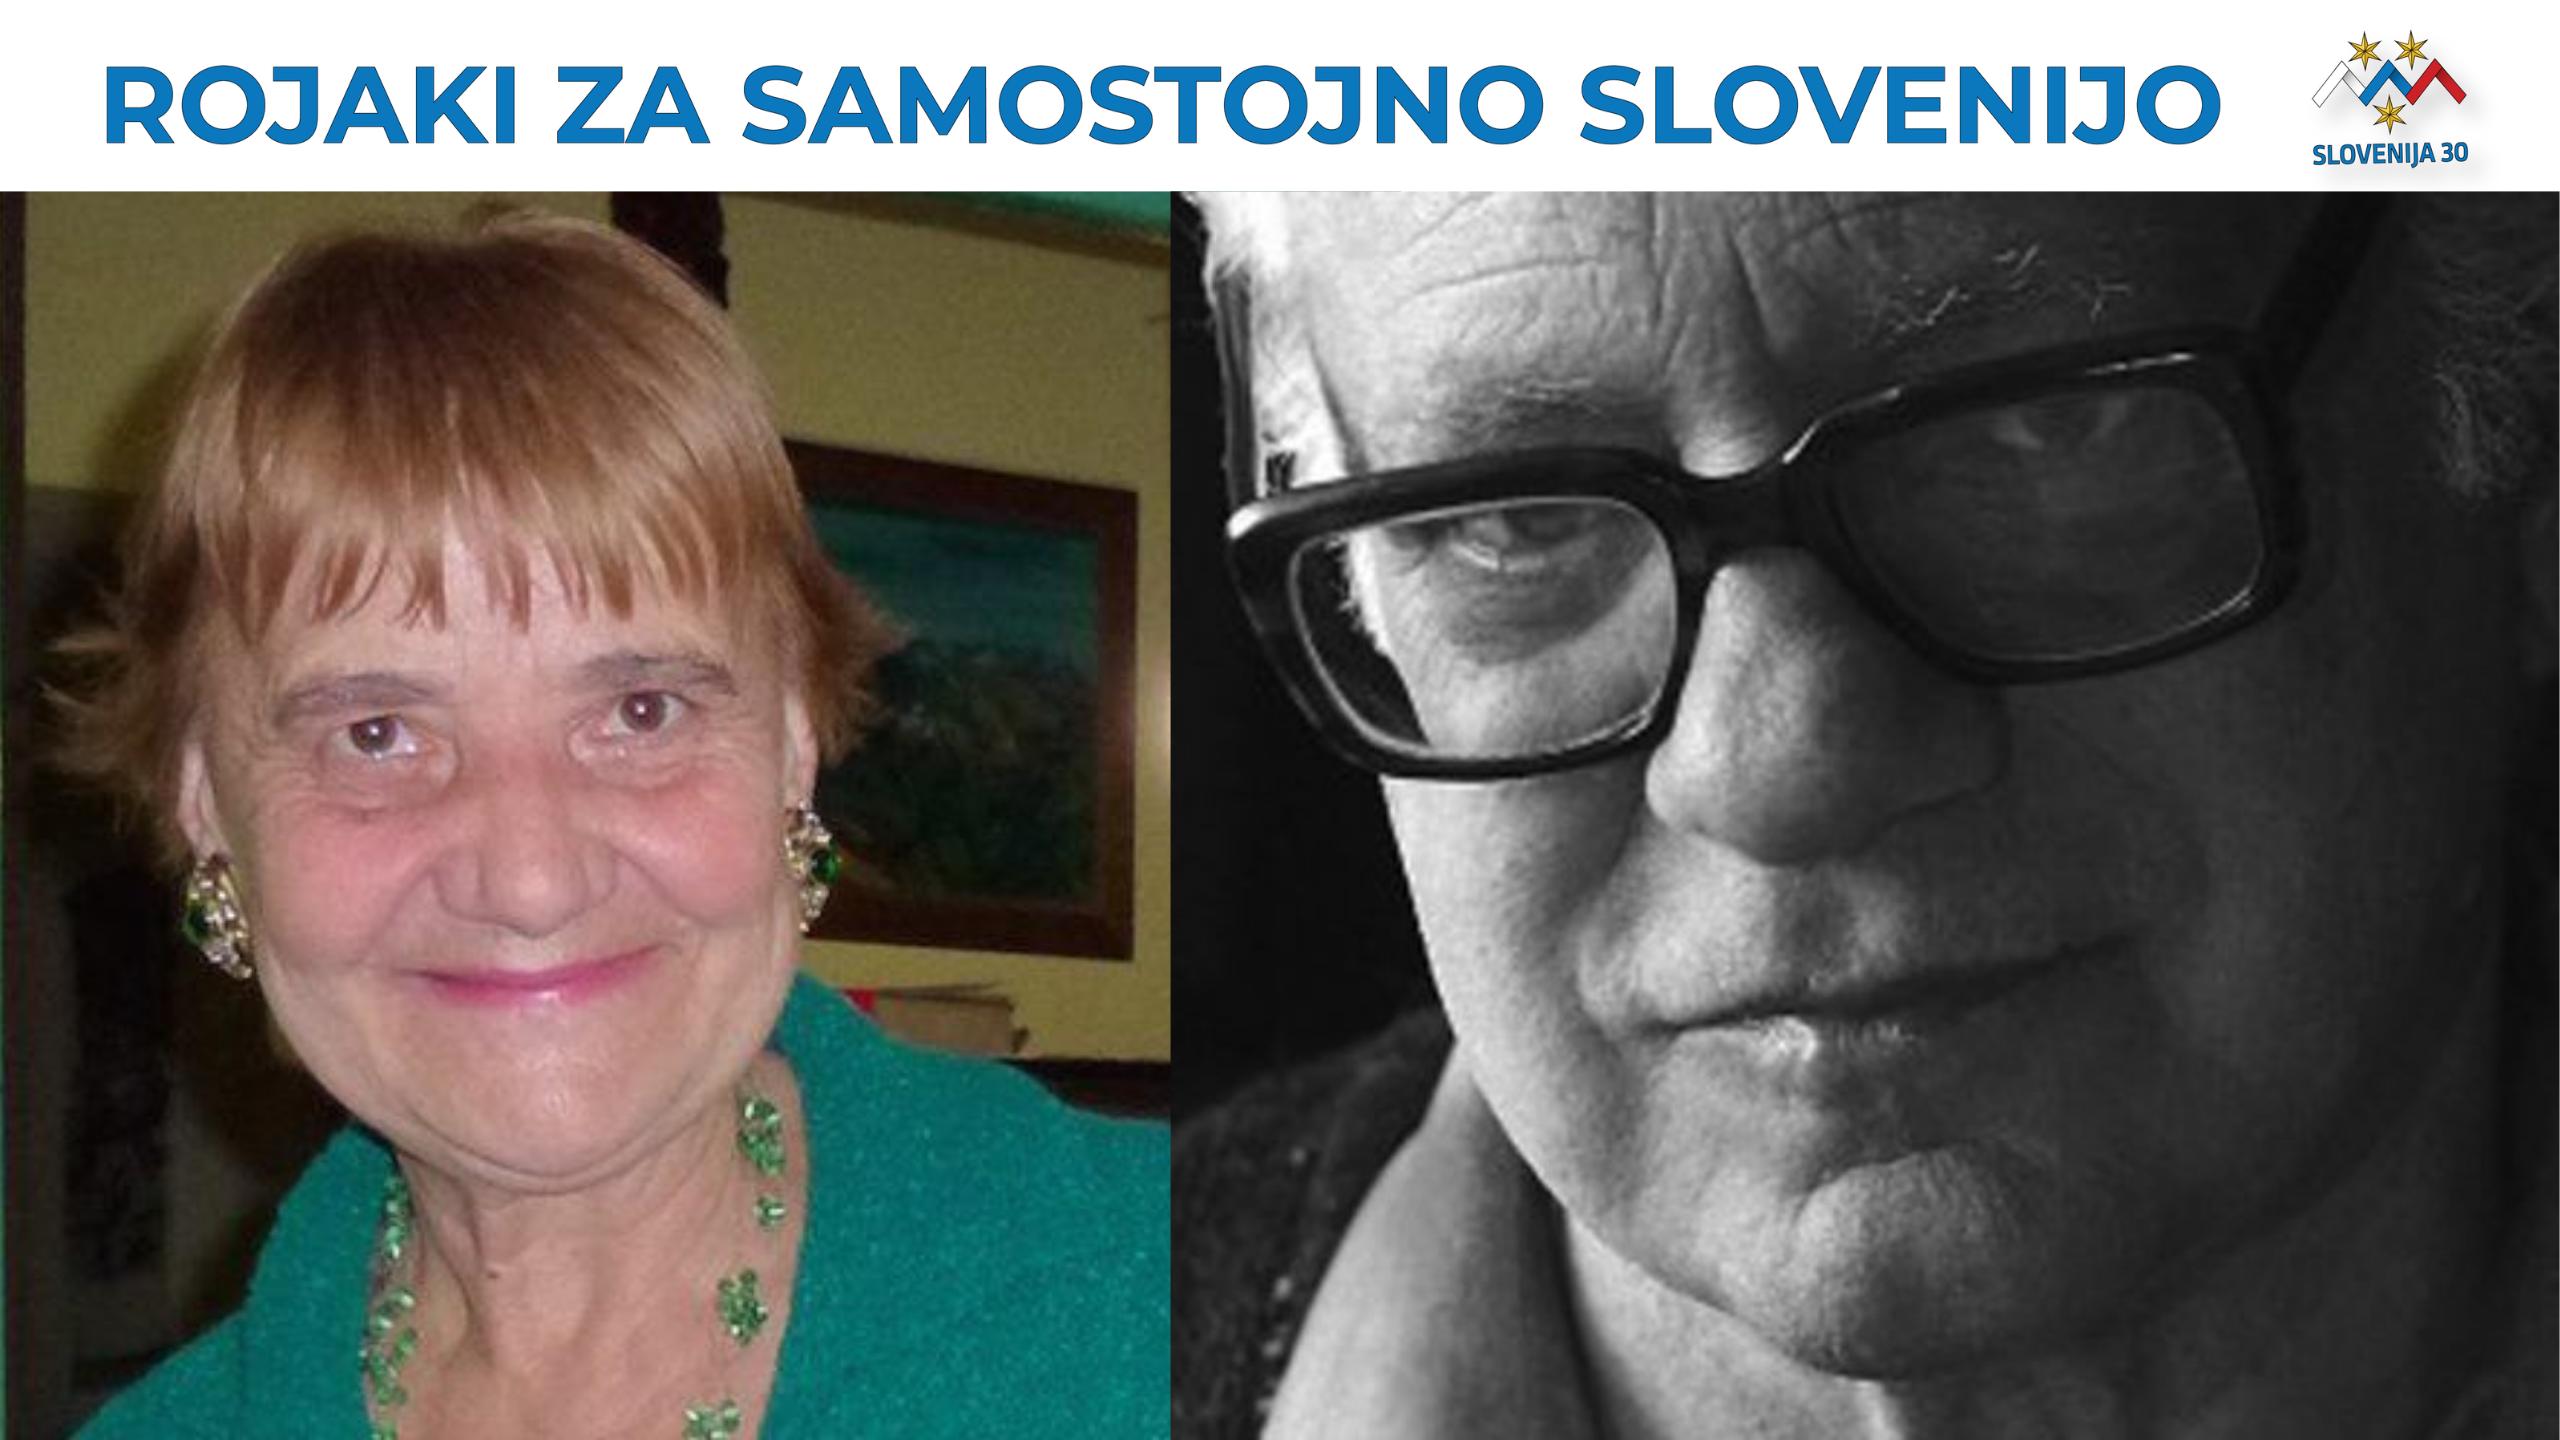 dr. Katica Cukjati in Tine Debeljak ml. (na vrhu na belem traku napis Rojaki za samostojno SLovenijo in logo (simbolj Triglava v beli, modri in rdeči barvi, tri rumene zvezde in pod tem napis Slovenija 30).